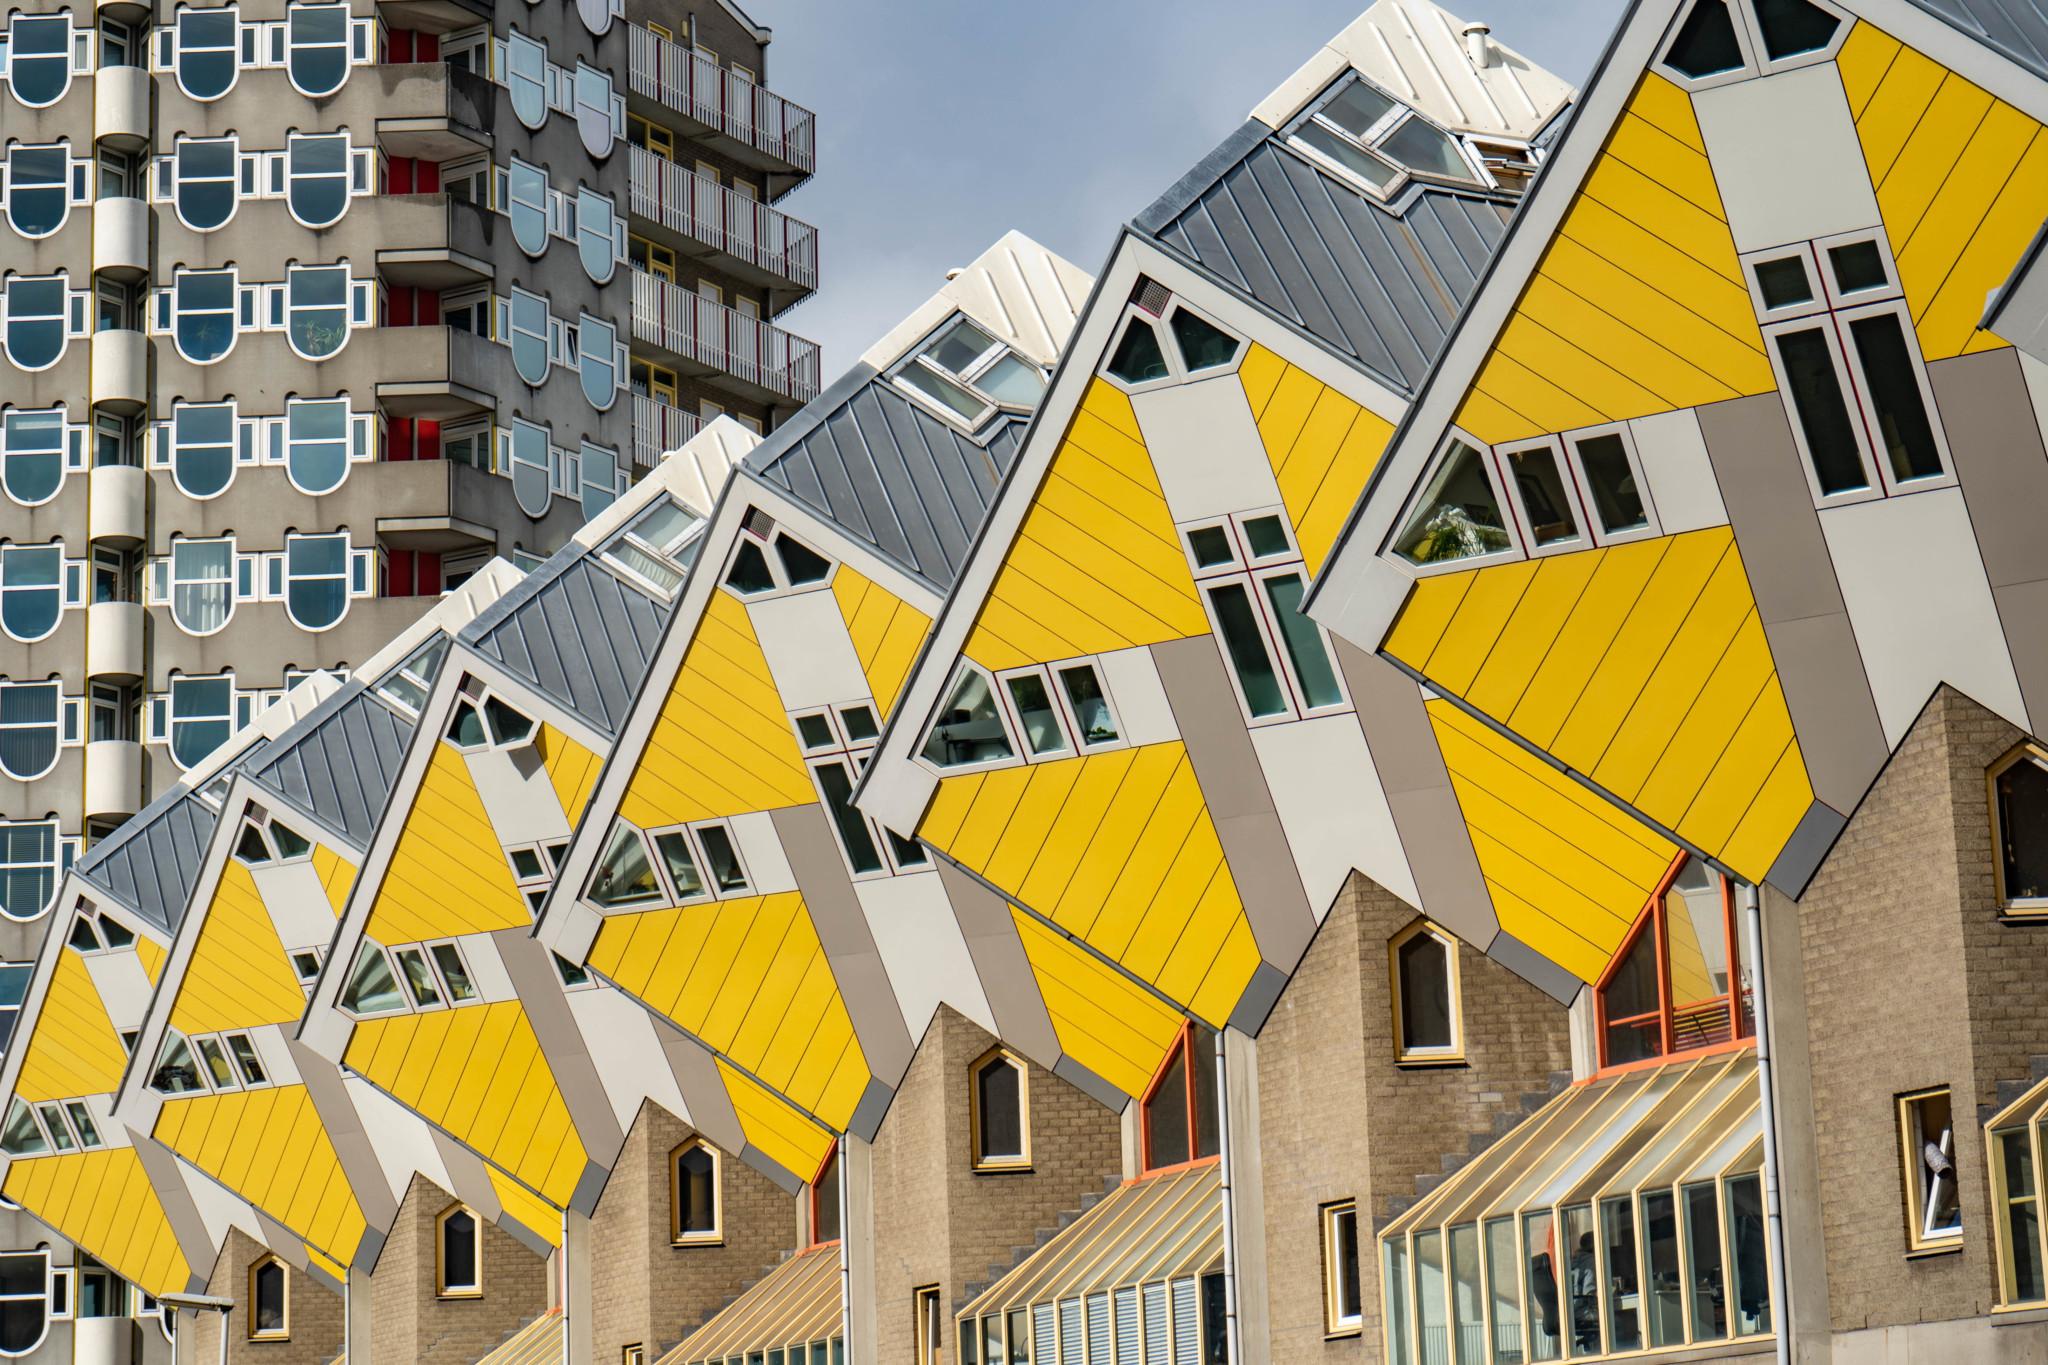 Die Kubushäuser gehören zu den Rotterdam Sehenswürdigkeiten